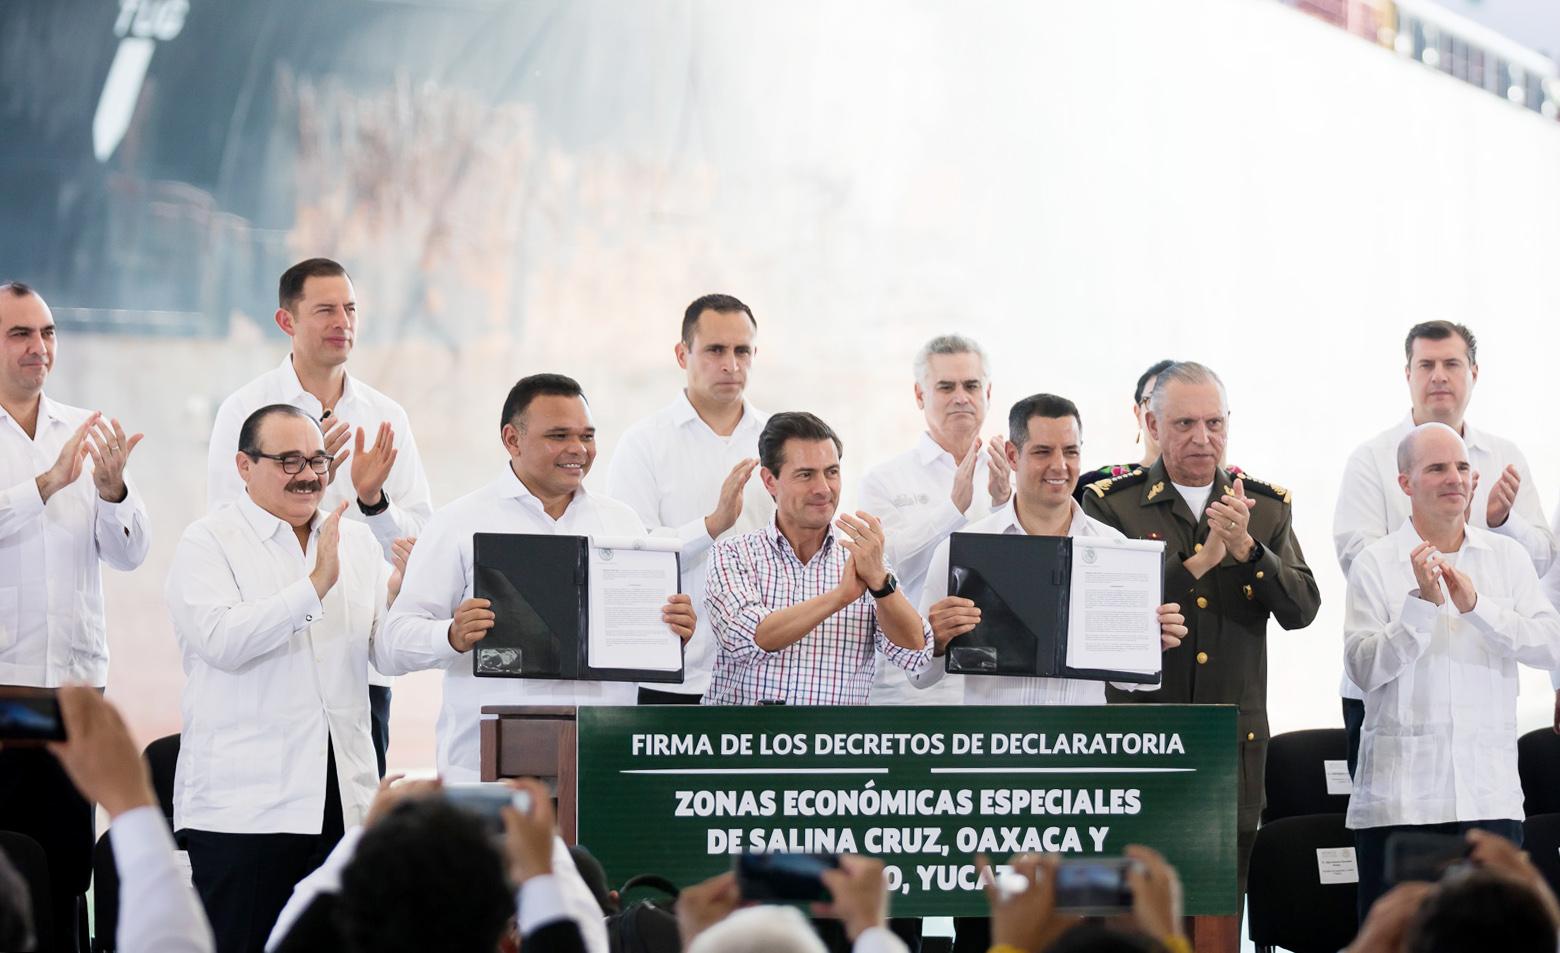 Con declaratoria formal Zona Económica Especial de Yucatán